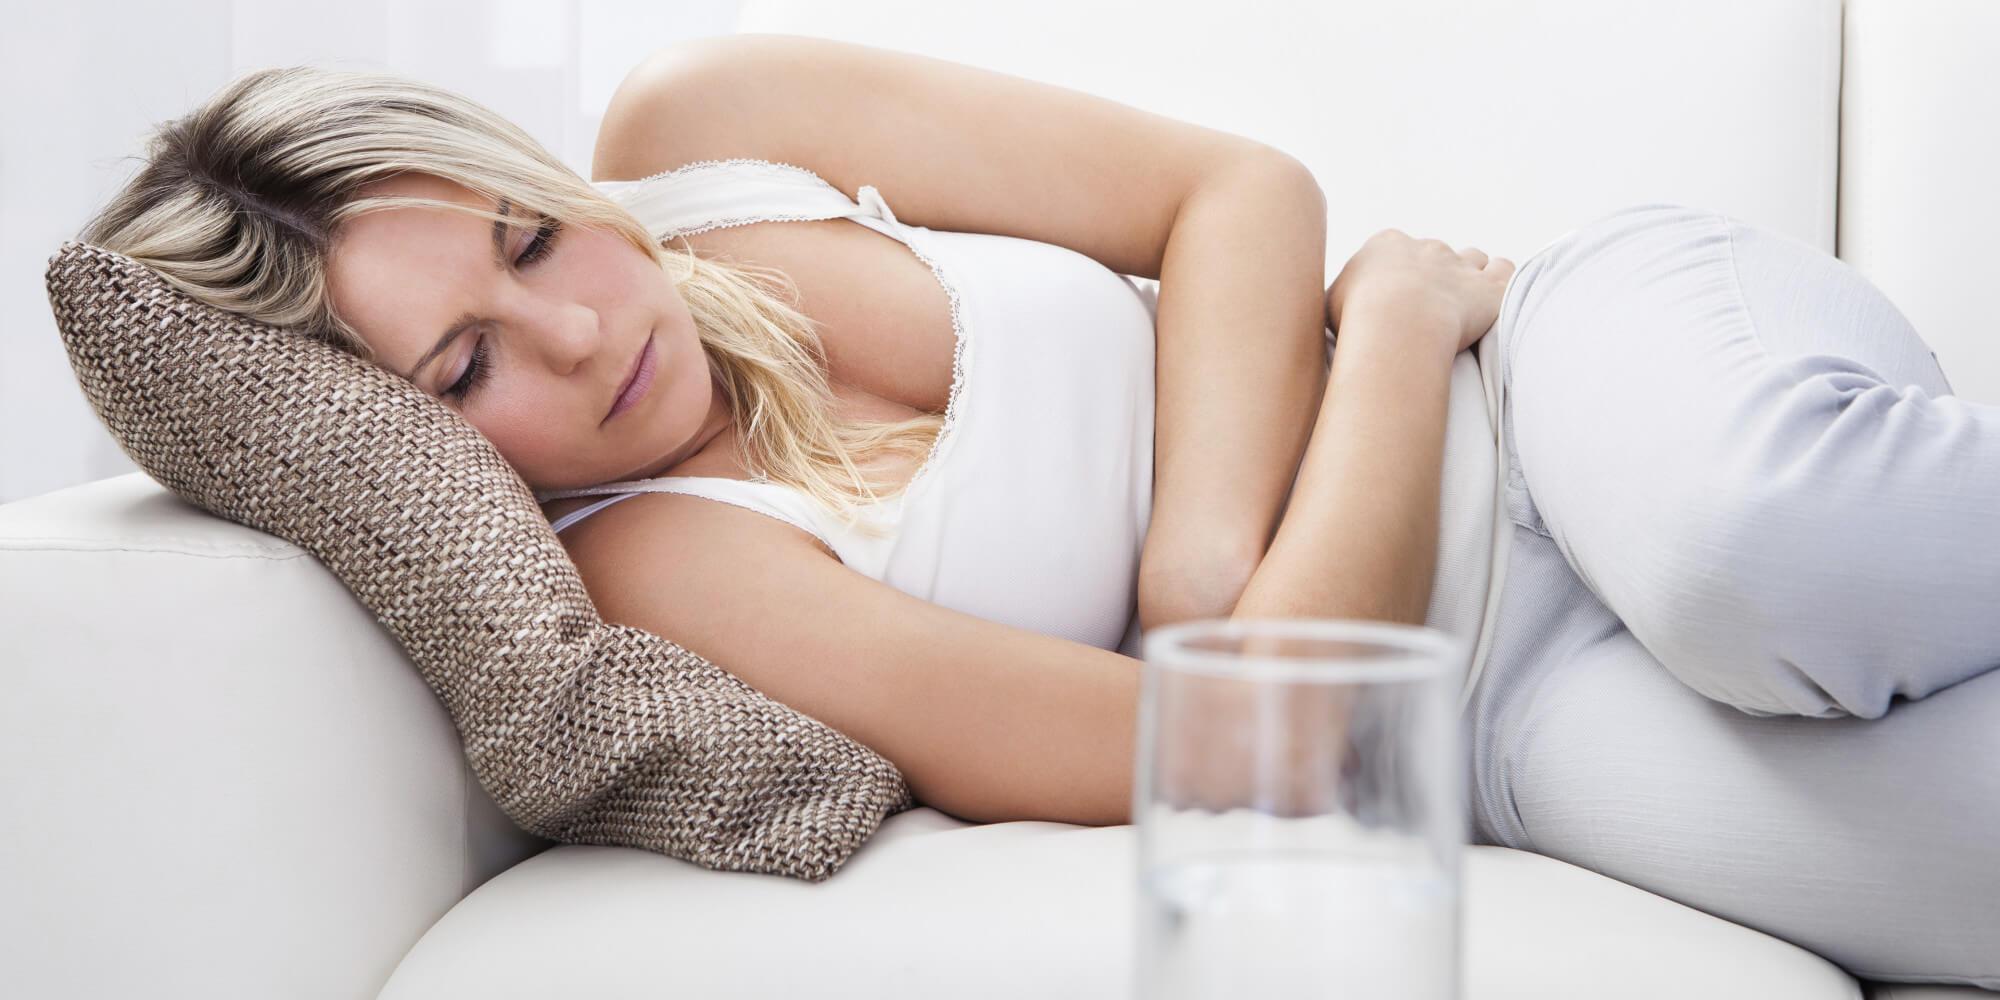 Какие признаки диареи должны насторожить особенно?